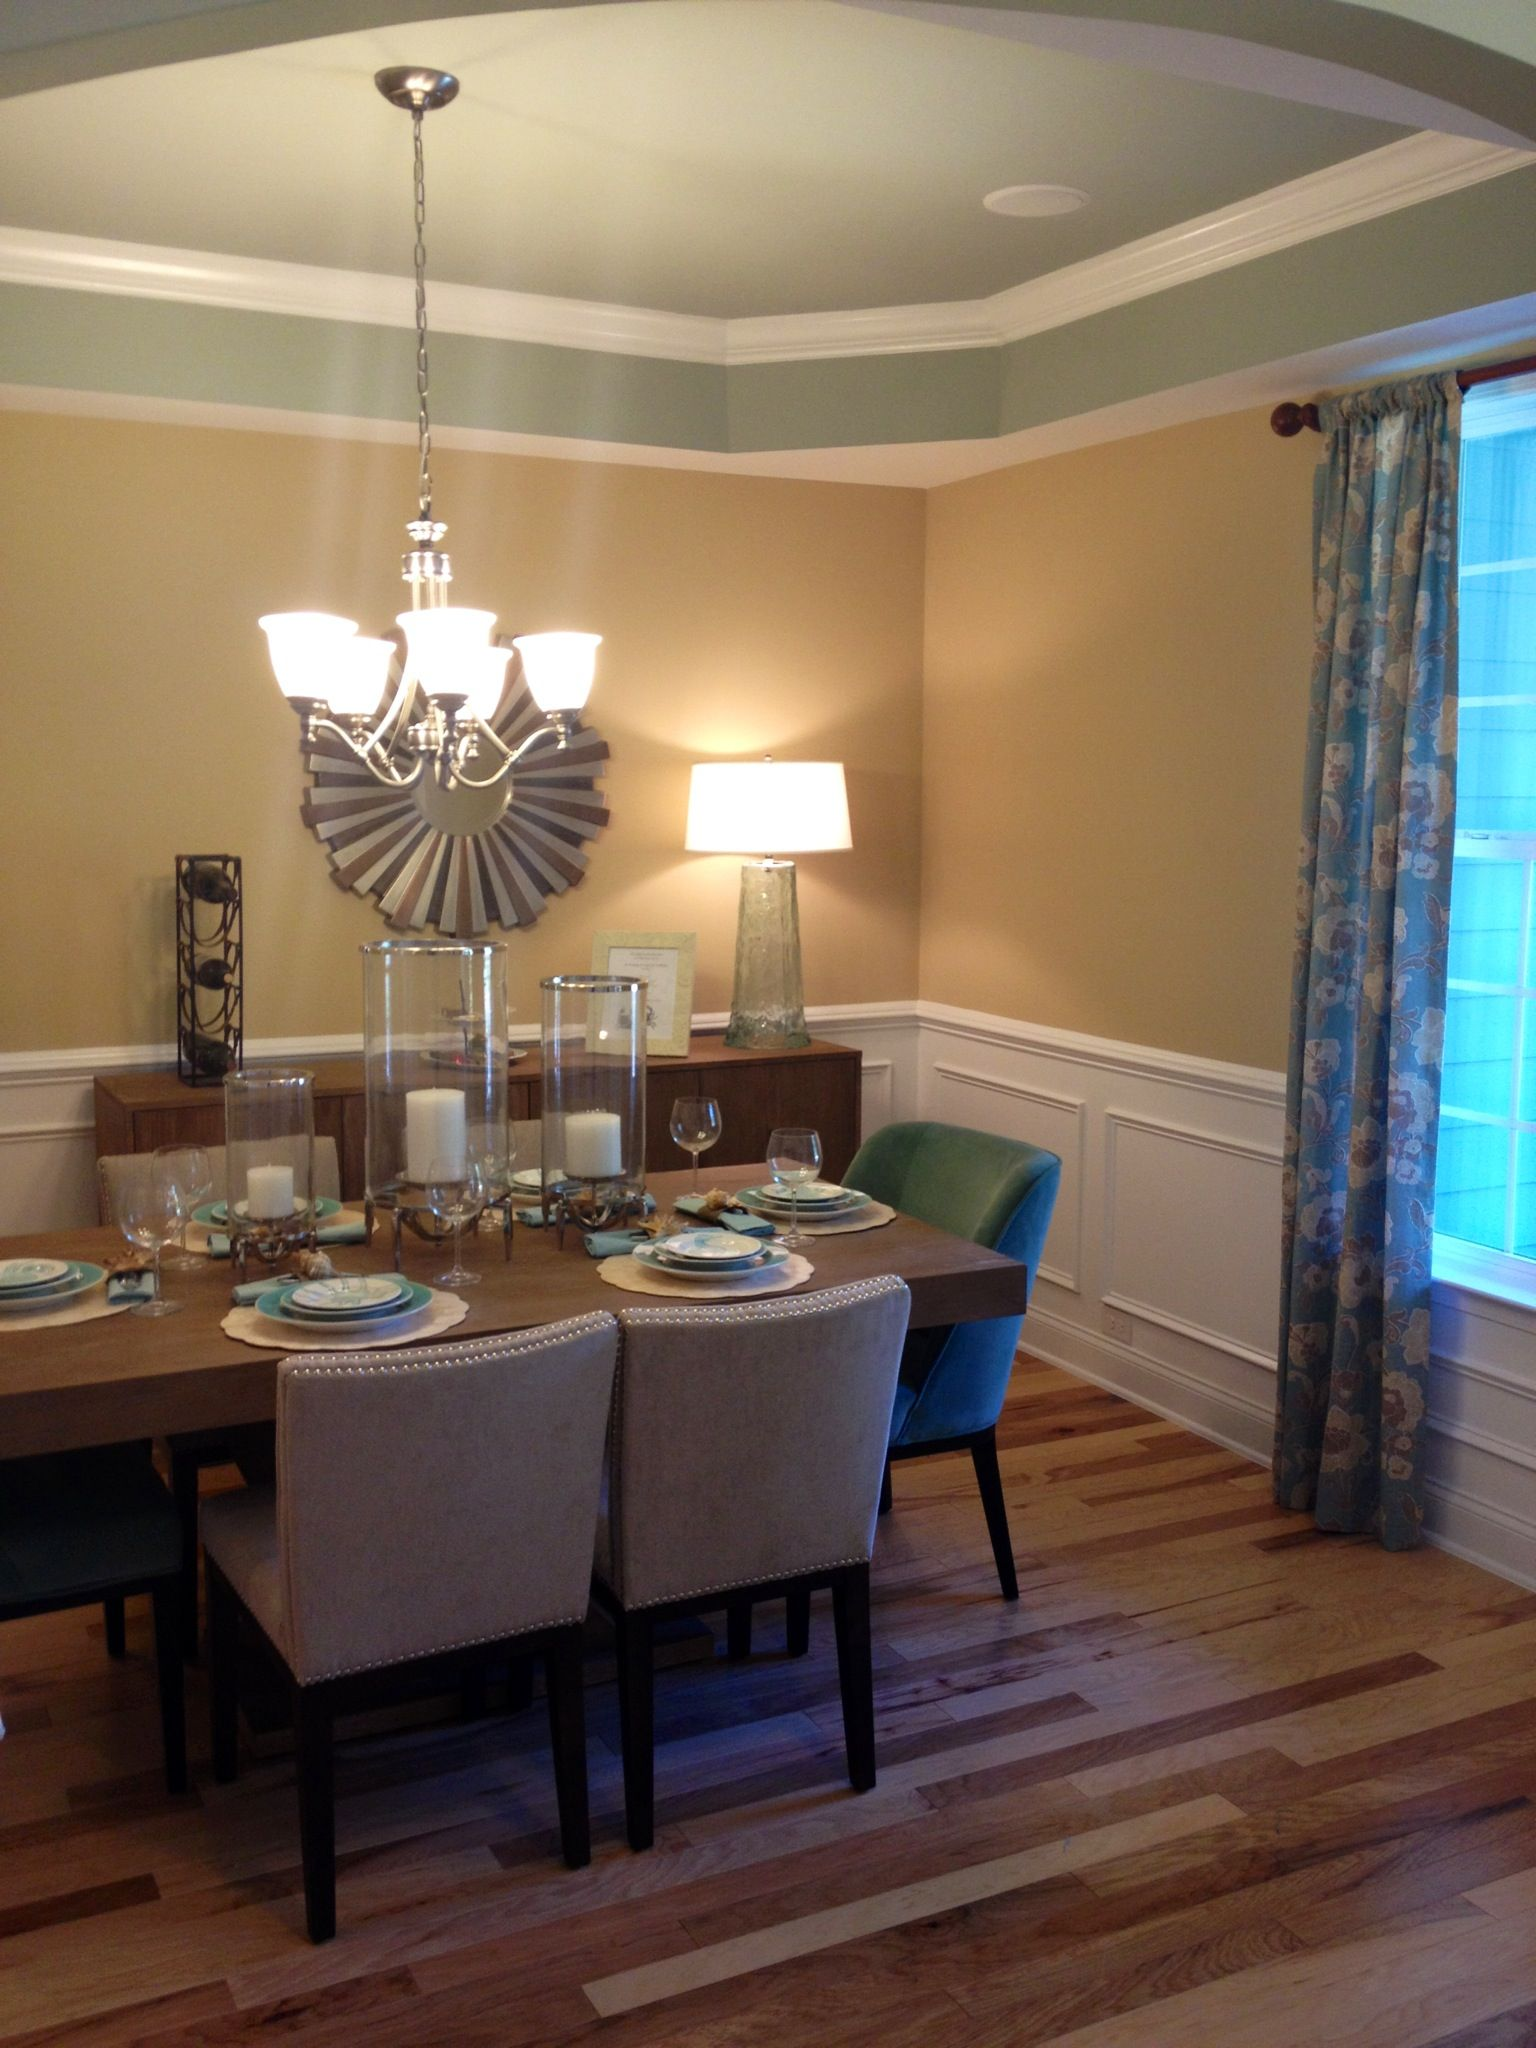 Candiles y colgantes son buena opci n para un comedor - Iluminacion para comedor ...